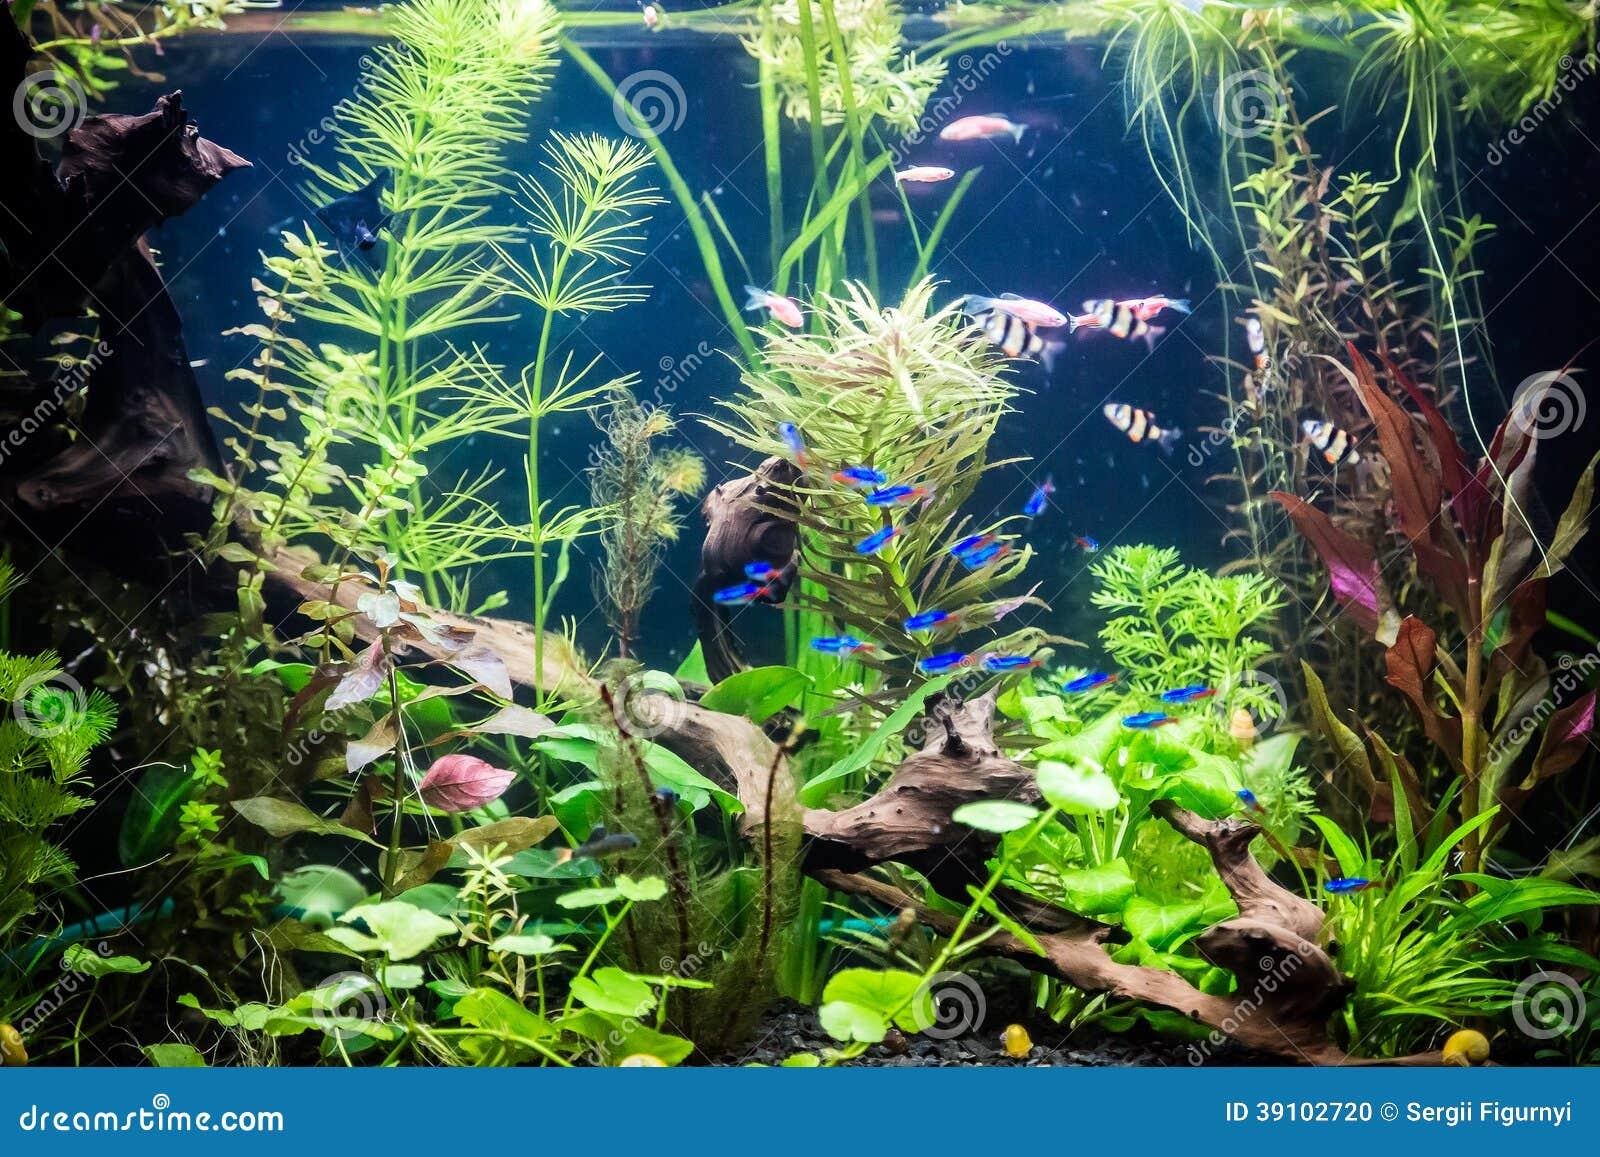 aquarium d 39 eau douce de ttropical avec des poissons photo stock image 39102720. Black Bedroom Furniture Sets. Home Design Ideas